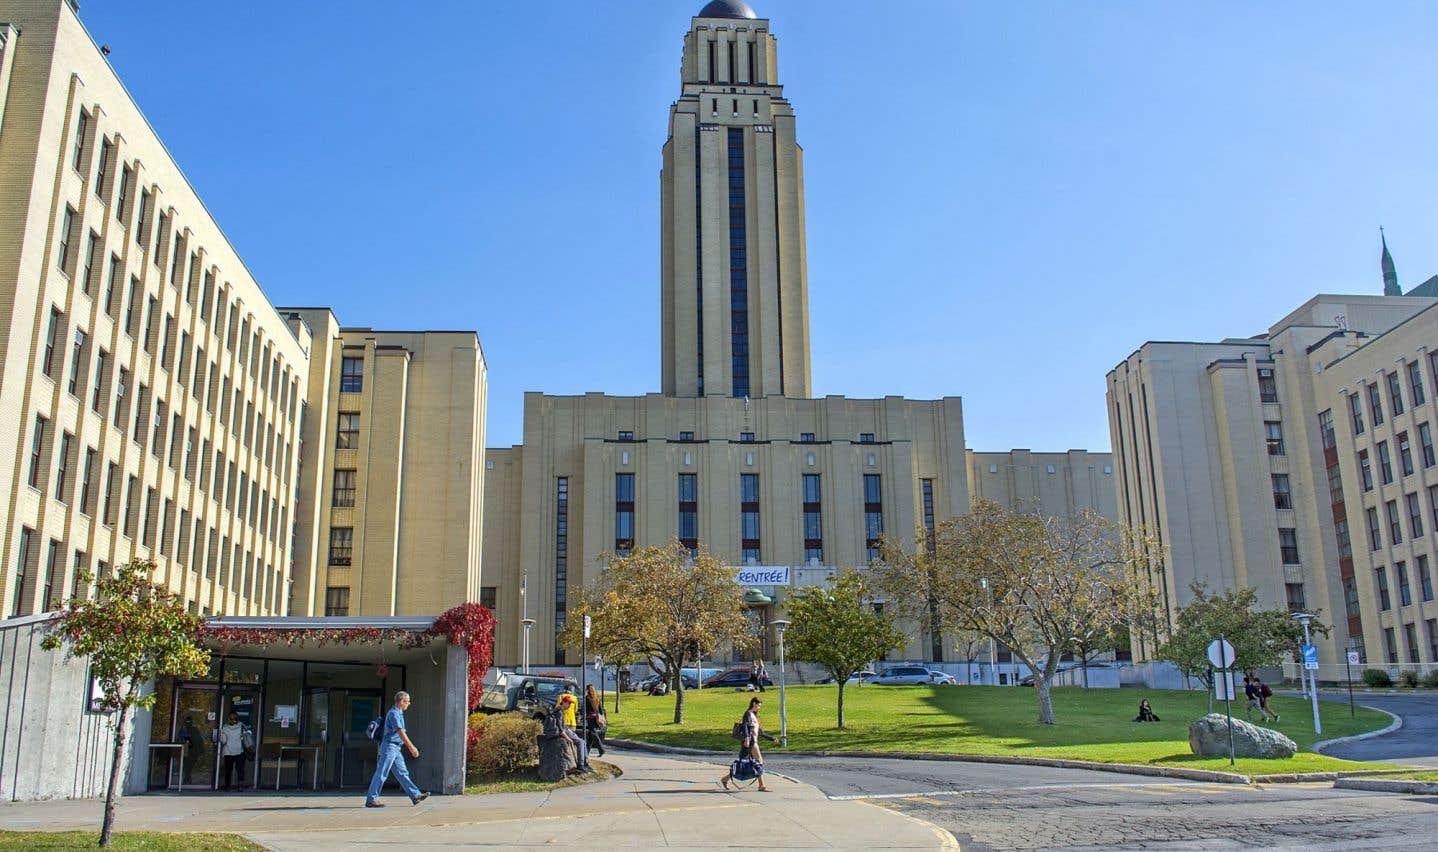 Pour les nombreux étudiants en médecine de l'Université de Montréal qui vivent des difficultés, un coup de barre s'impose toujours à la Faculté.